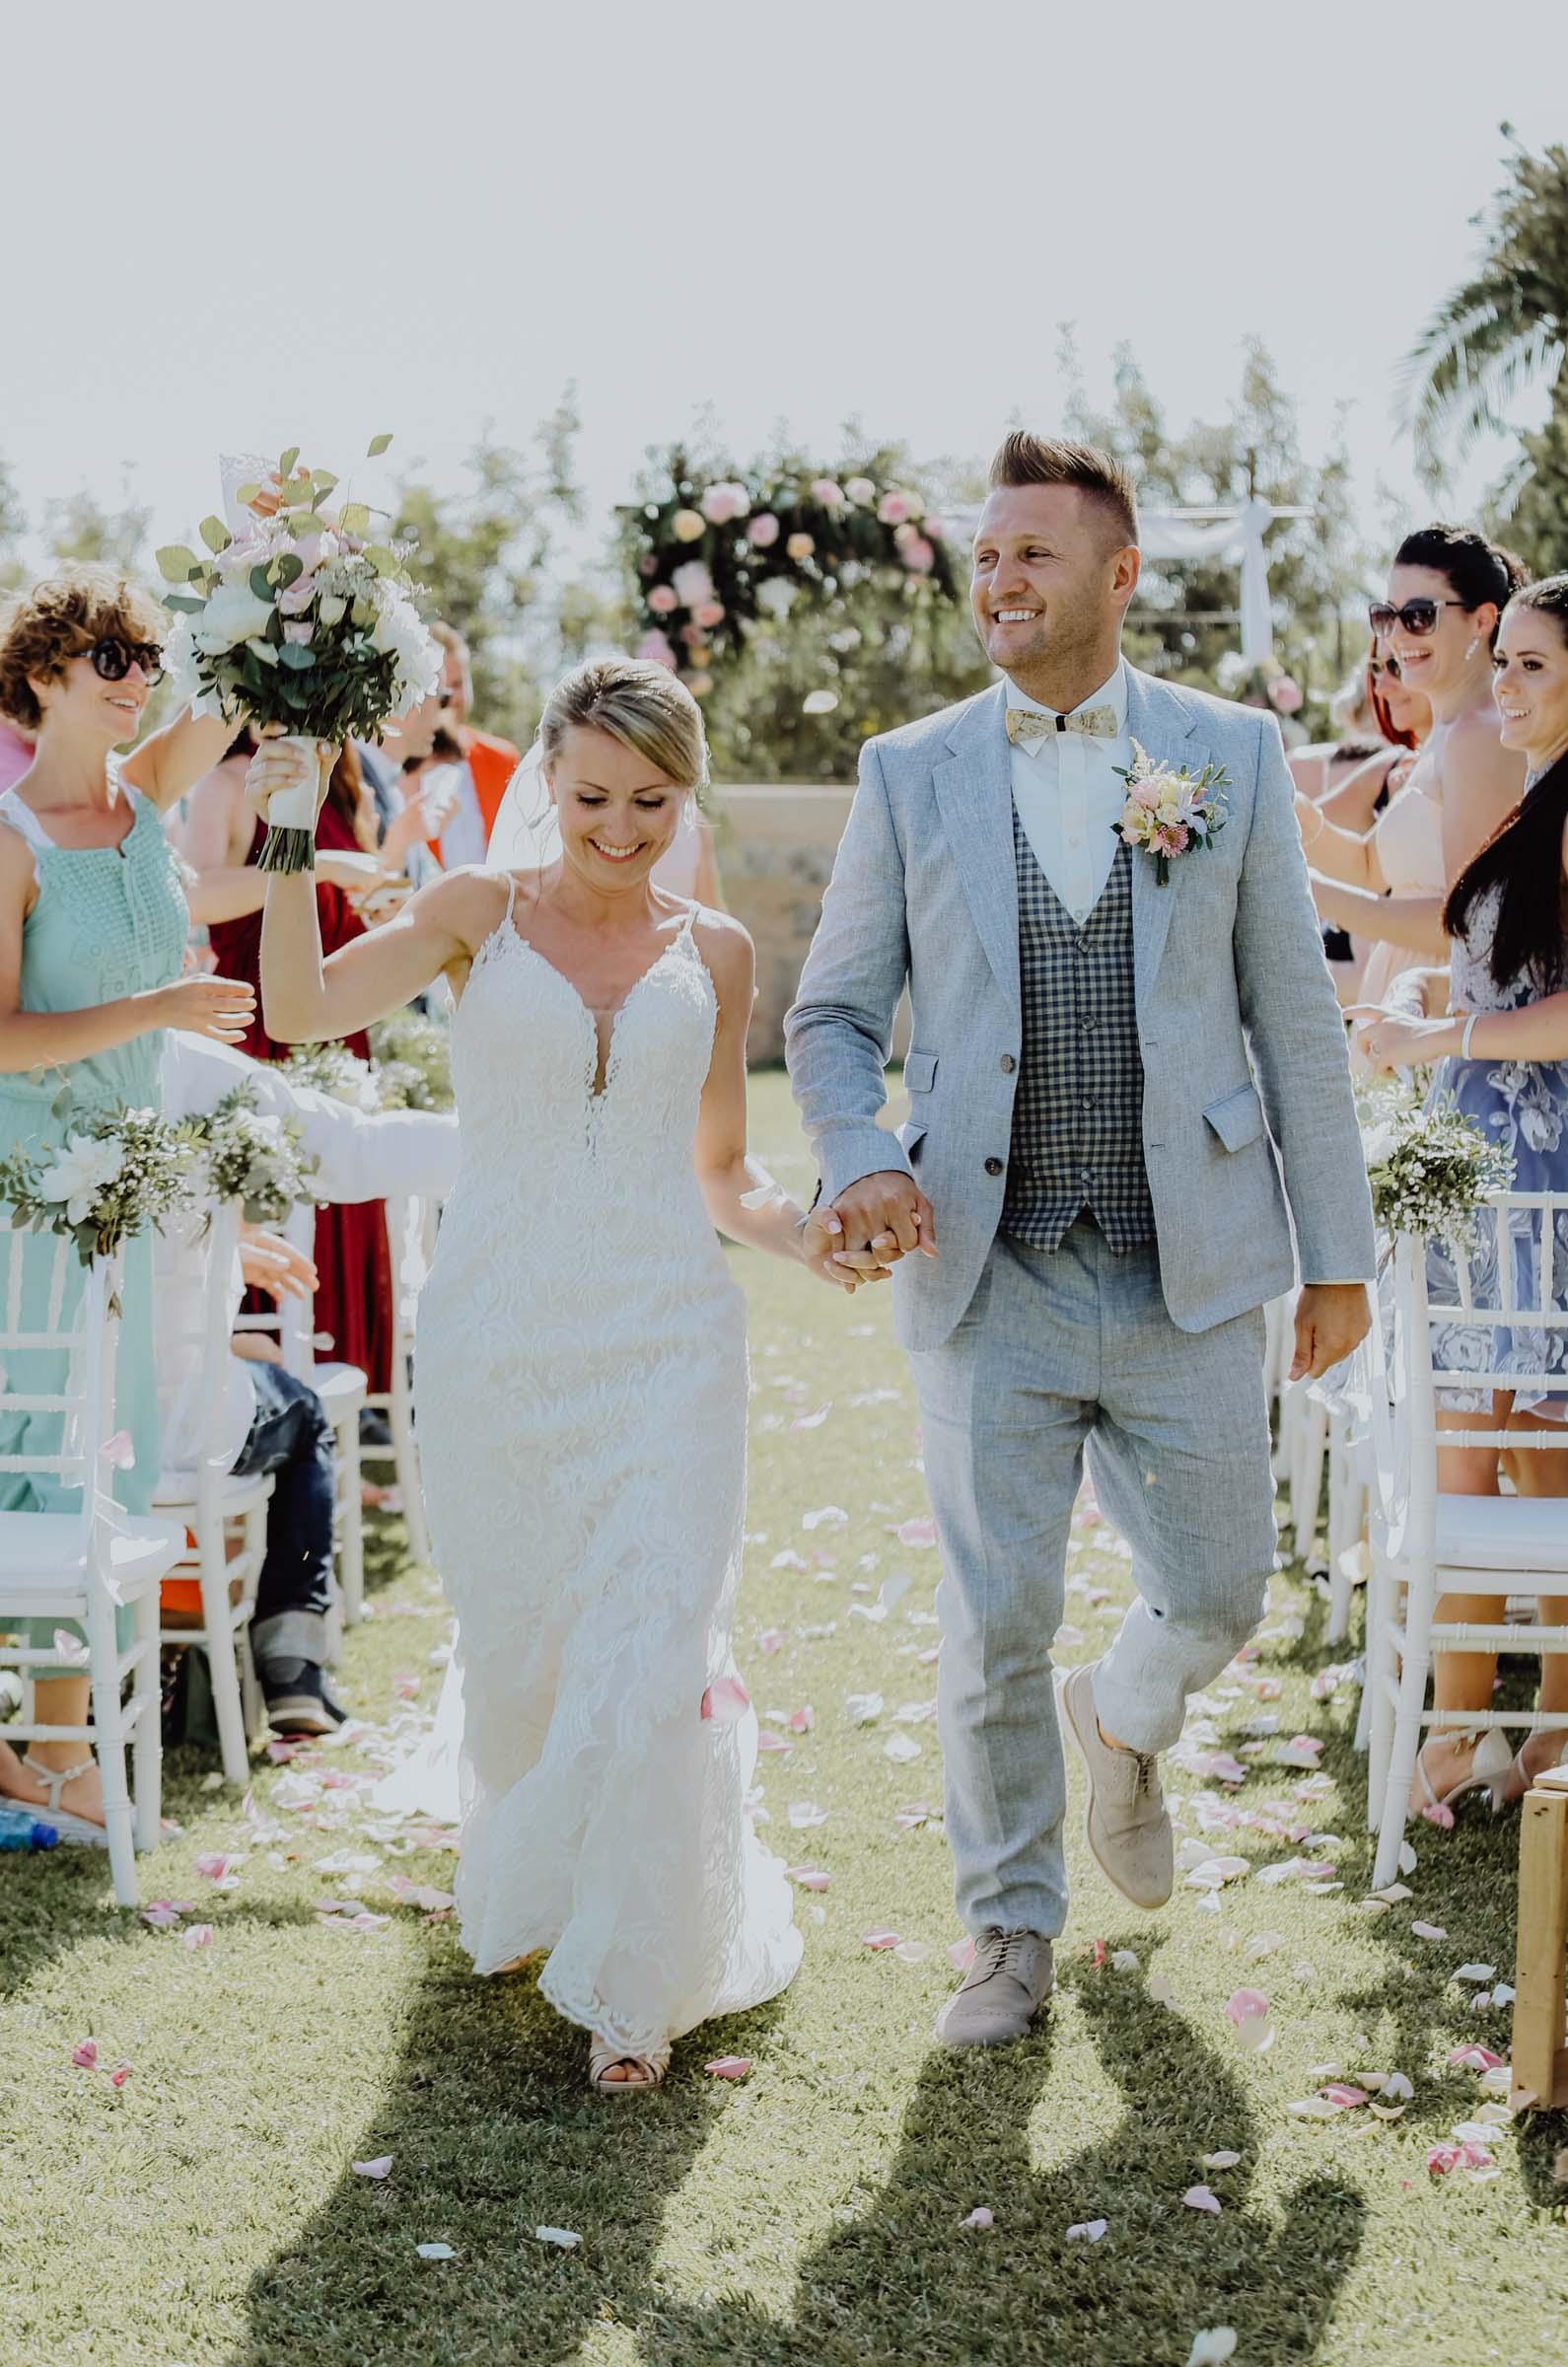 Braut und Bräutigam laufen Hand in Hand auf Wiese entlang